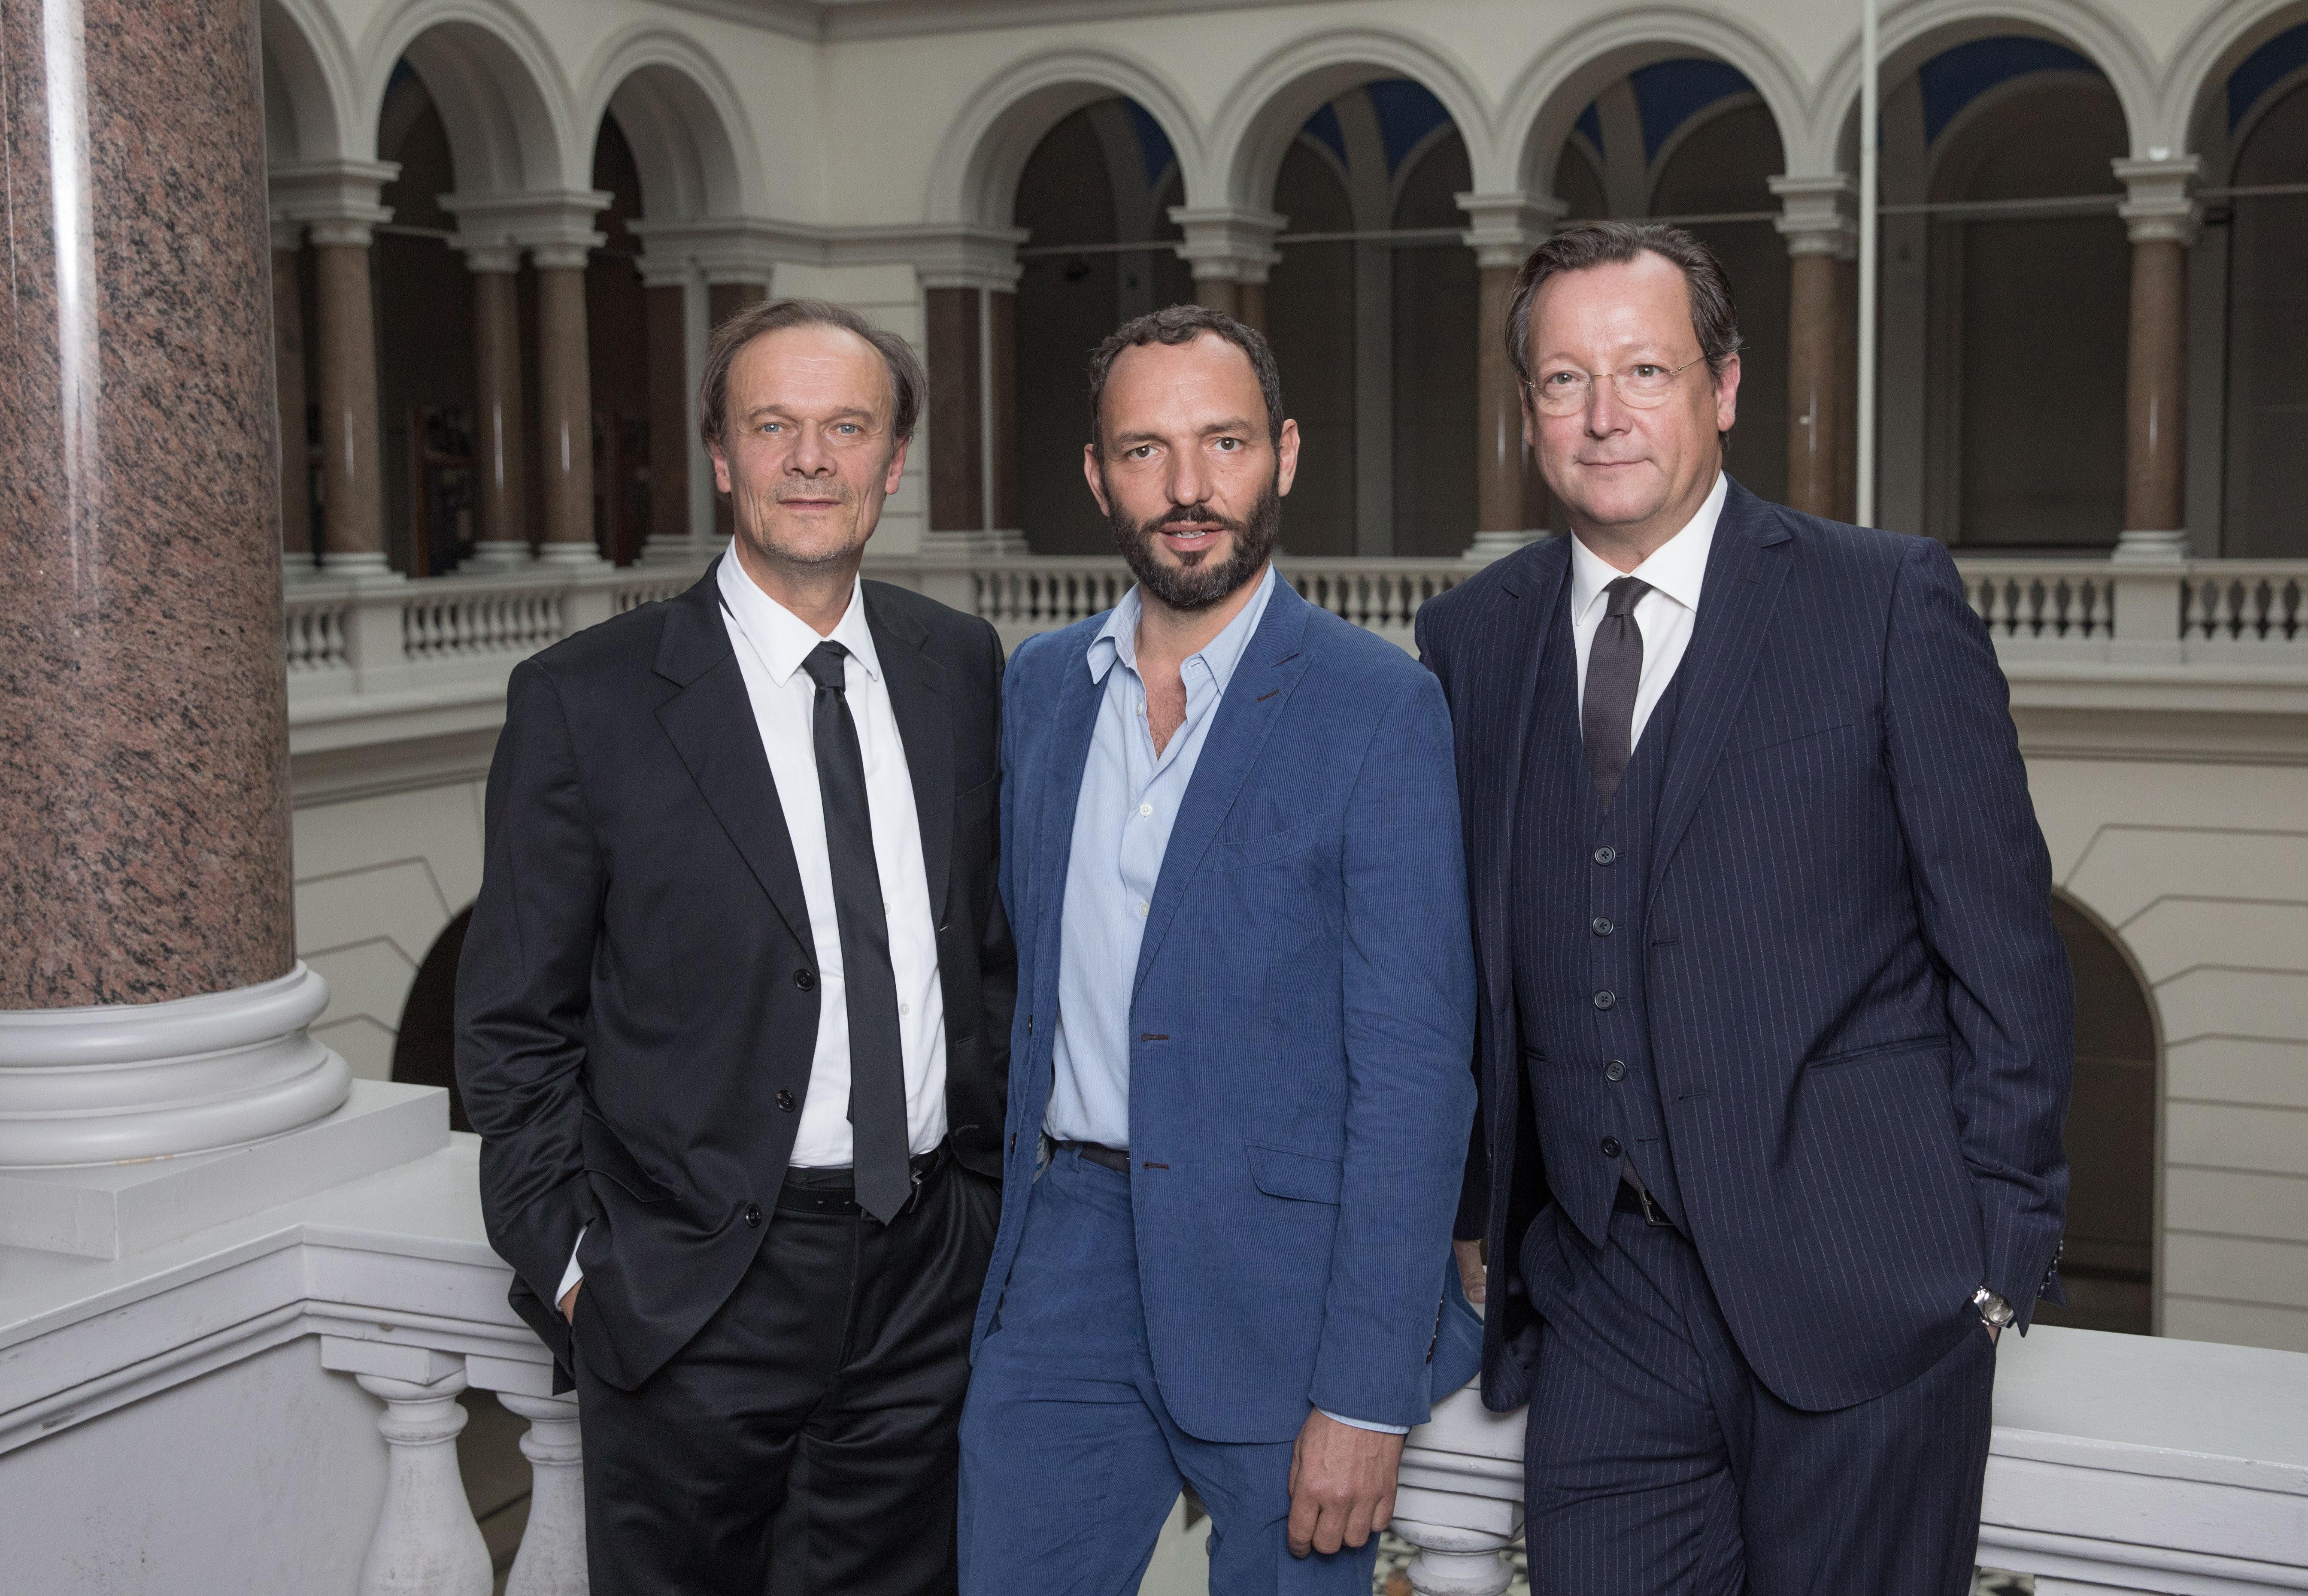 Der Regisseur Titus Selge (M) und die Schauspieler Edgar Selge (l) und Matthias Brandt